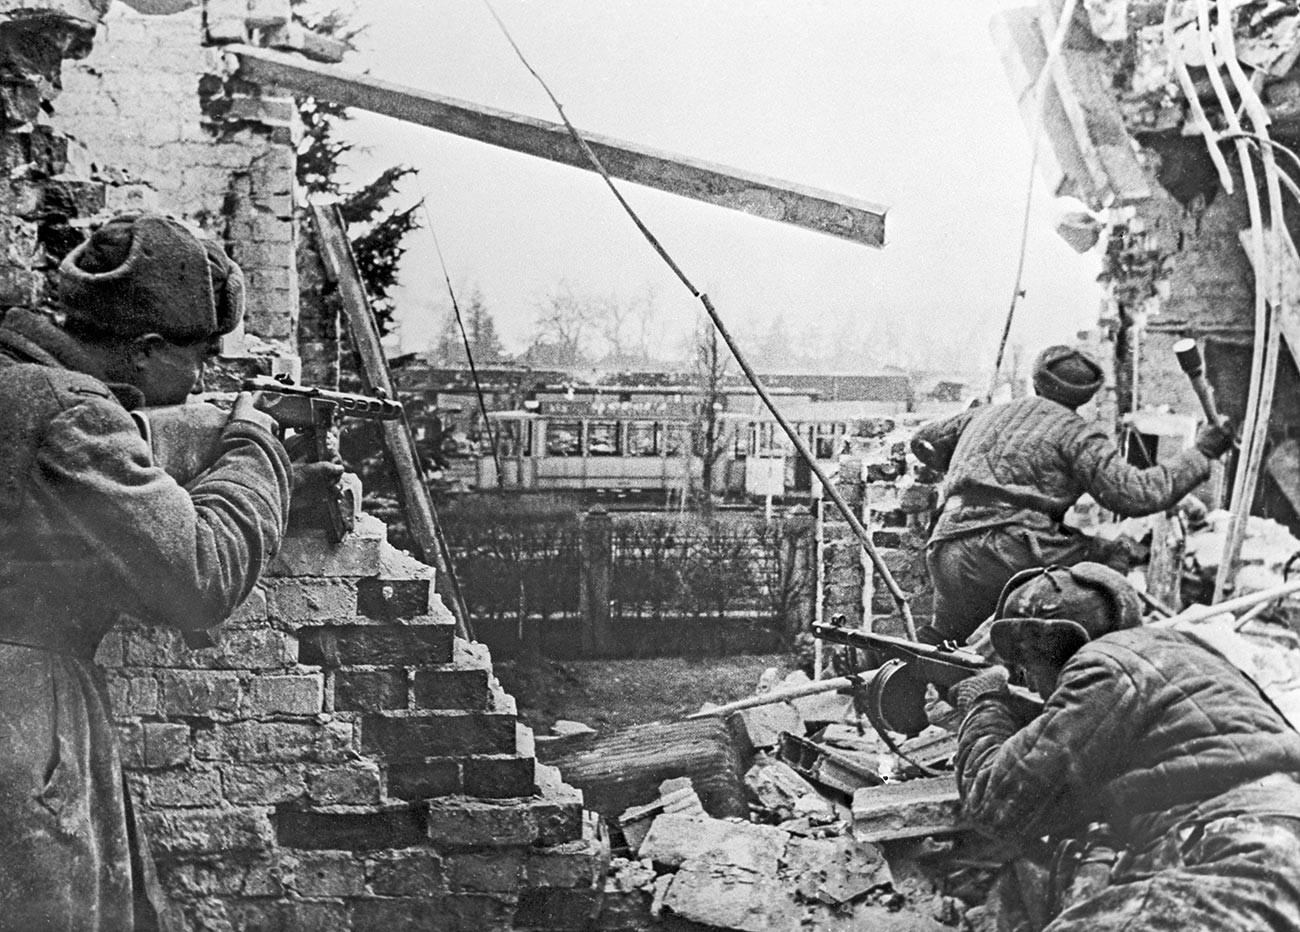 Други светски рат 1939-1945. г. Будимпештанска офанзива совјетске војске. Војници Трећег Украјинског фронта са аутоматима у уличним борбама за ослобођење Будимпеште.